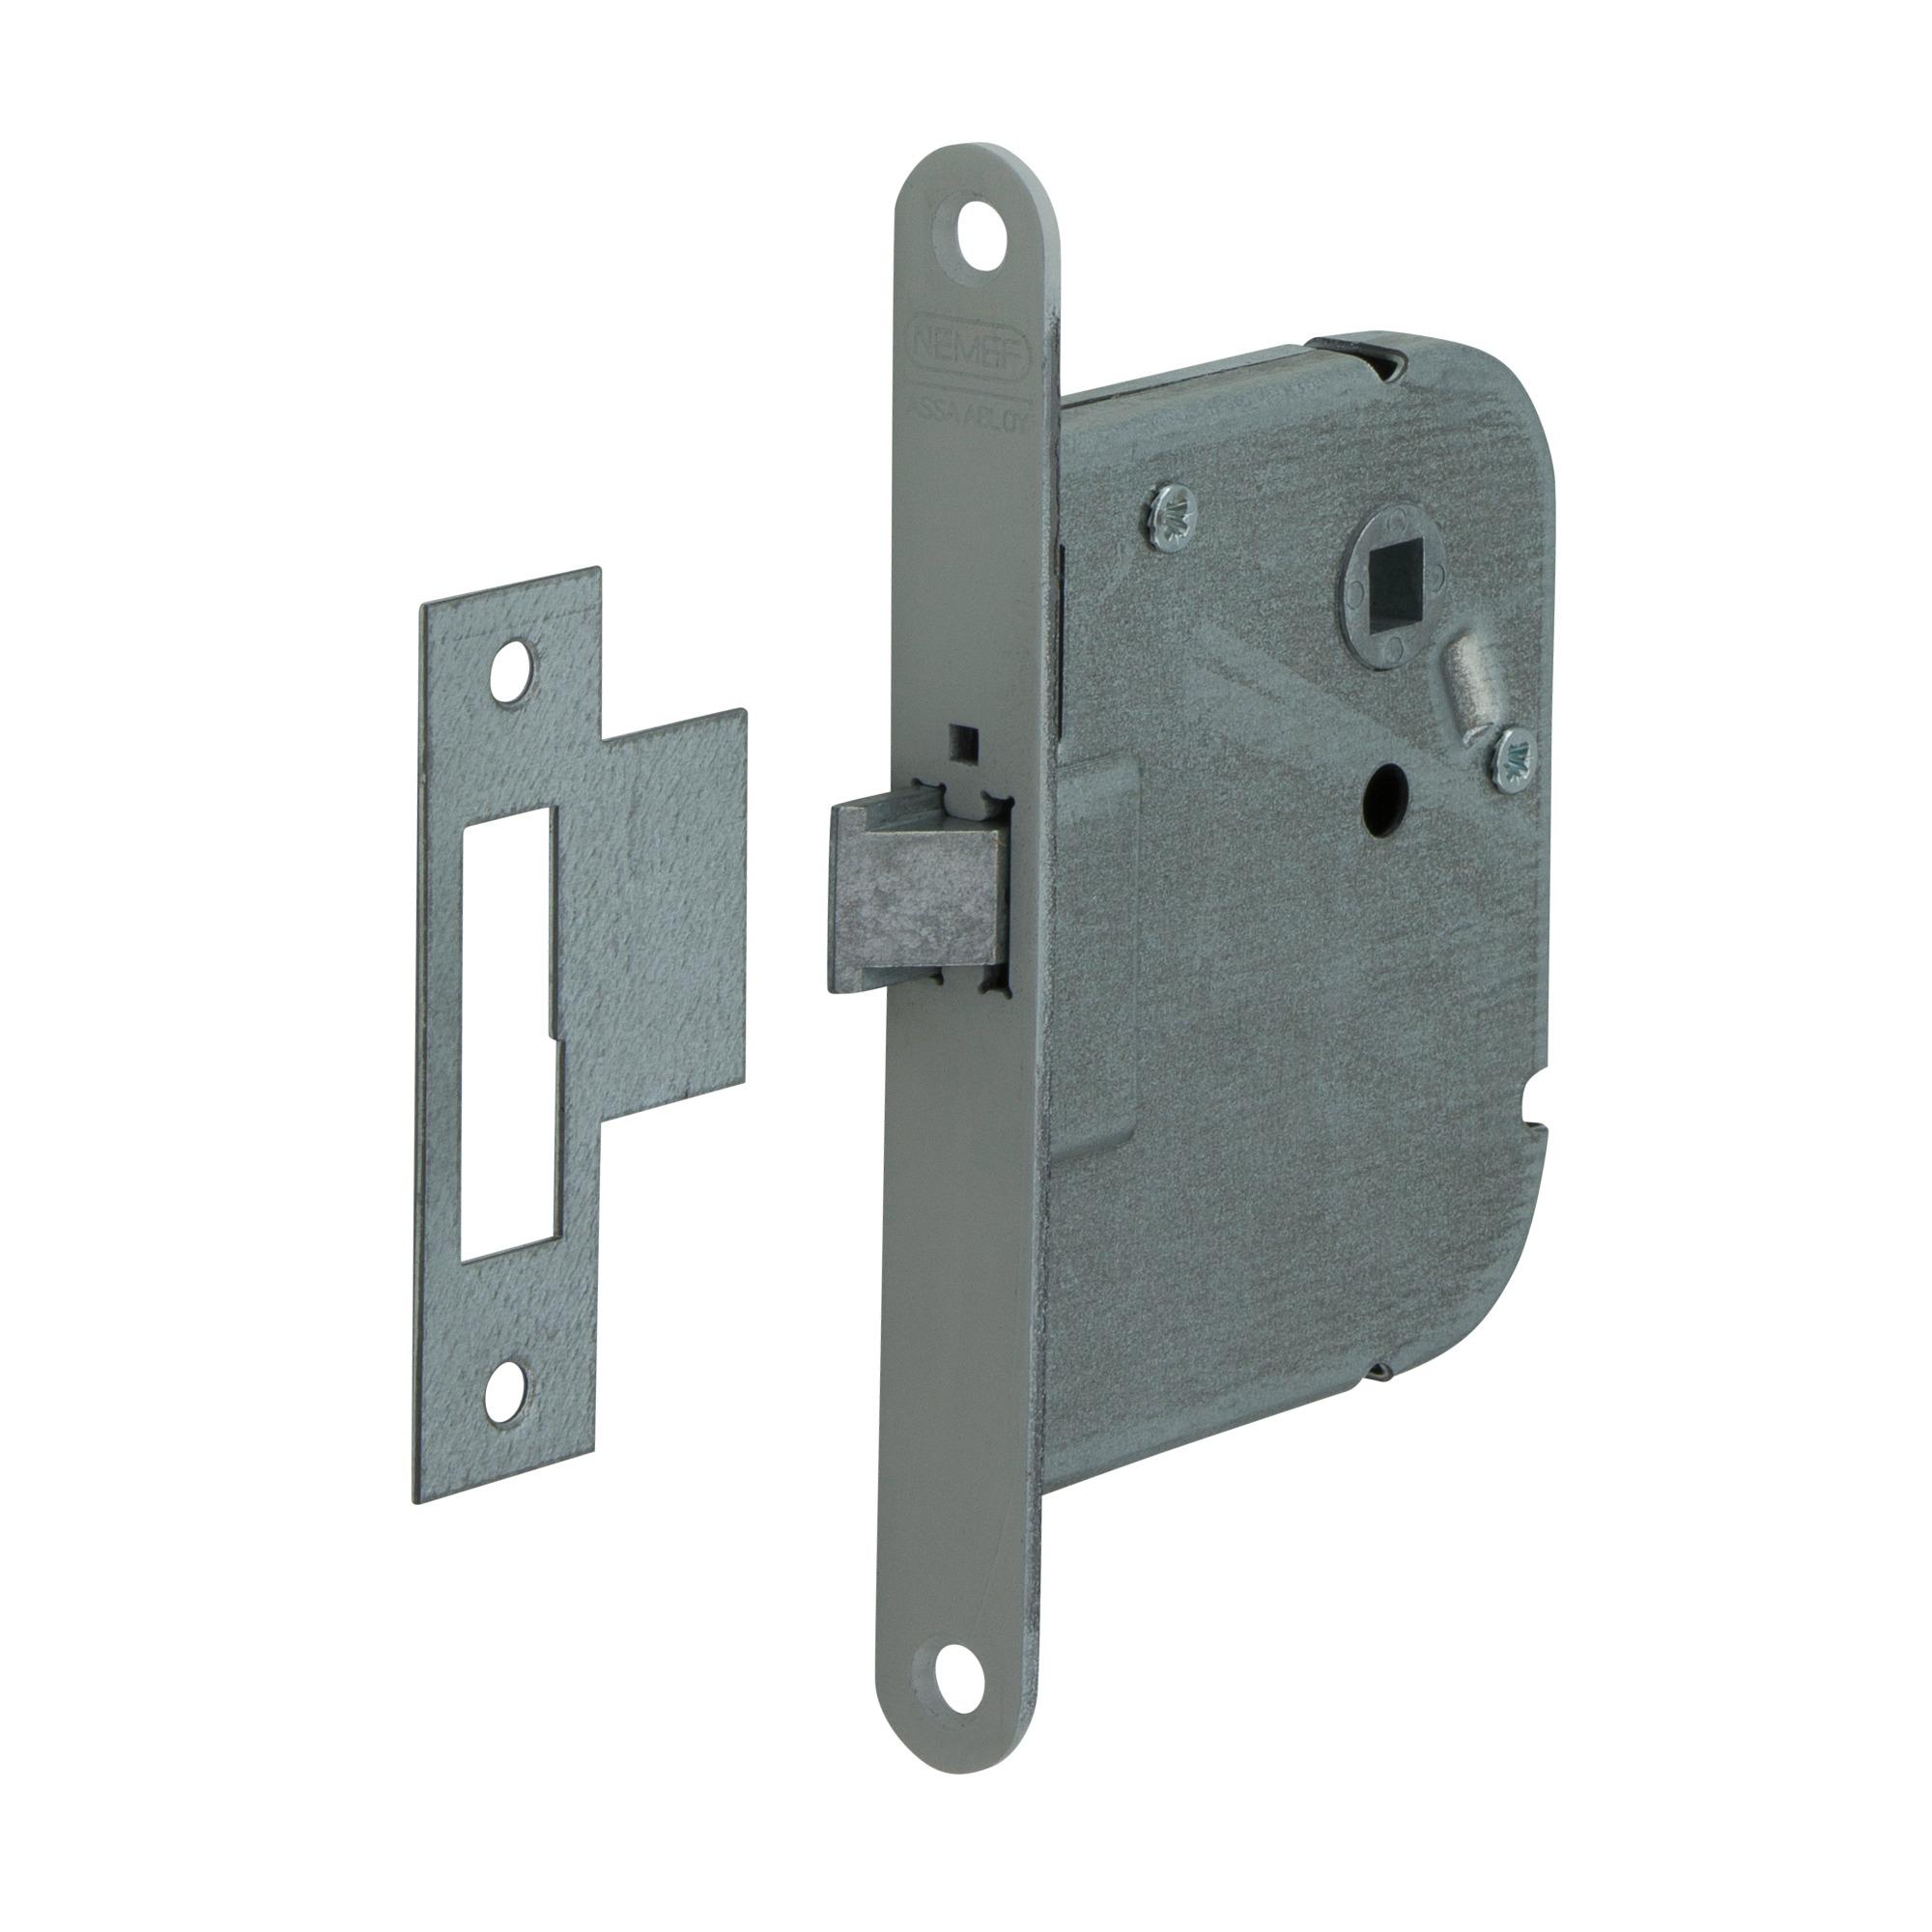 NEMEF loopslot binnendeur standaard 55 mm